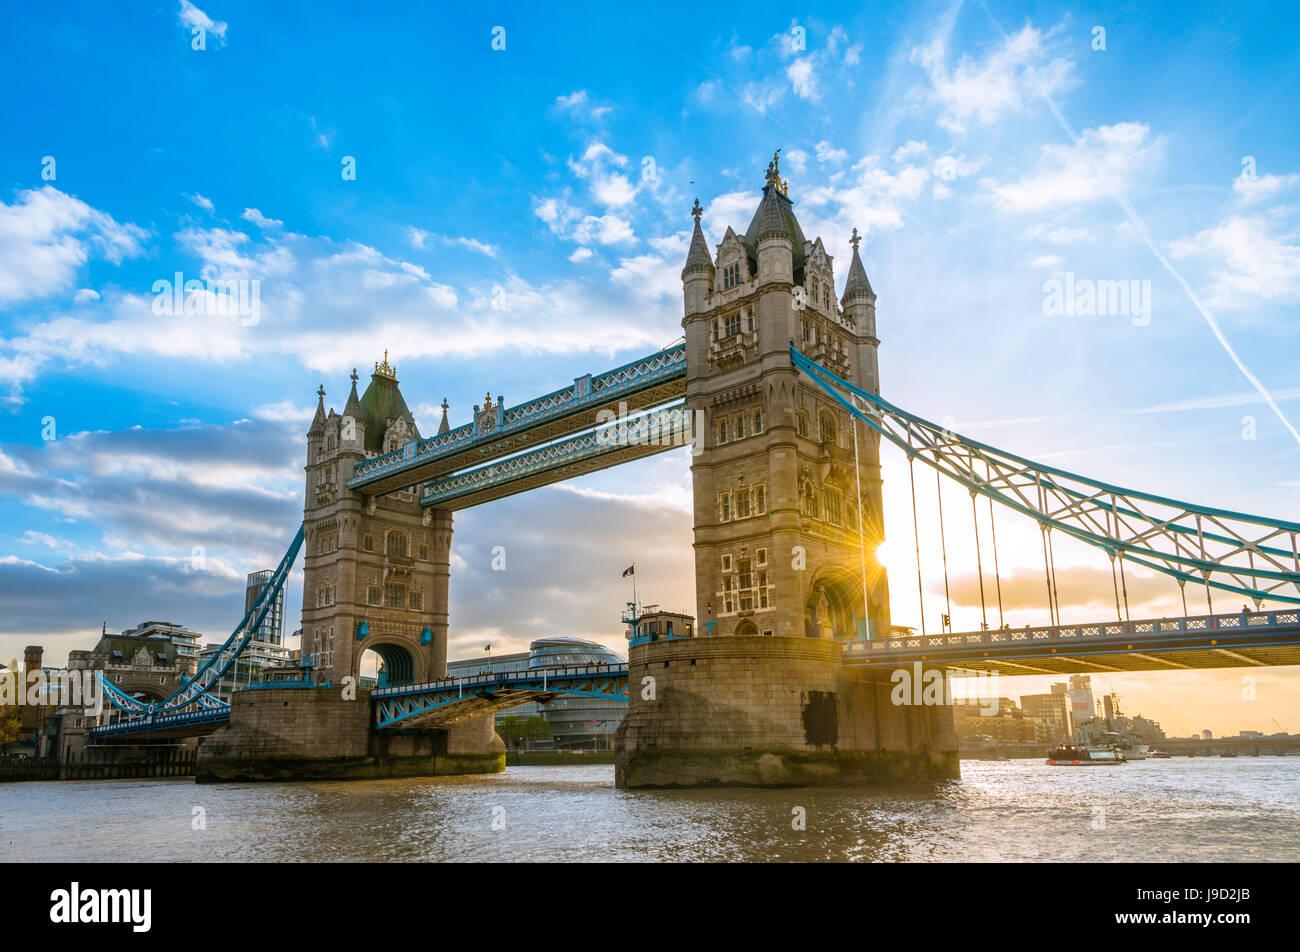 Il Tower Bridge sul Tamigi al tramonto, London, England, Regno Unito Immagini Stock